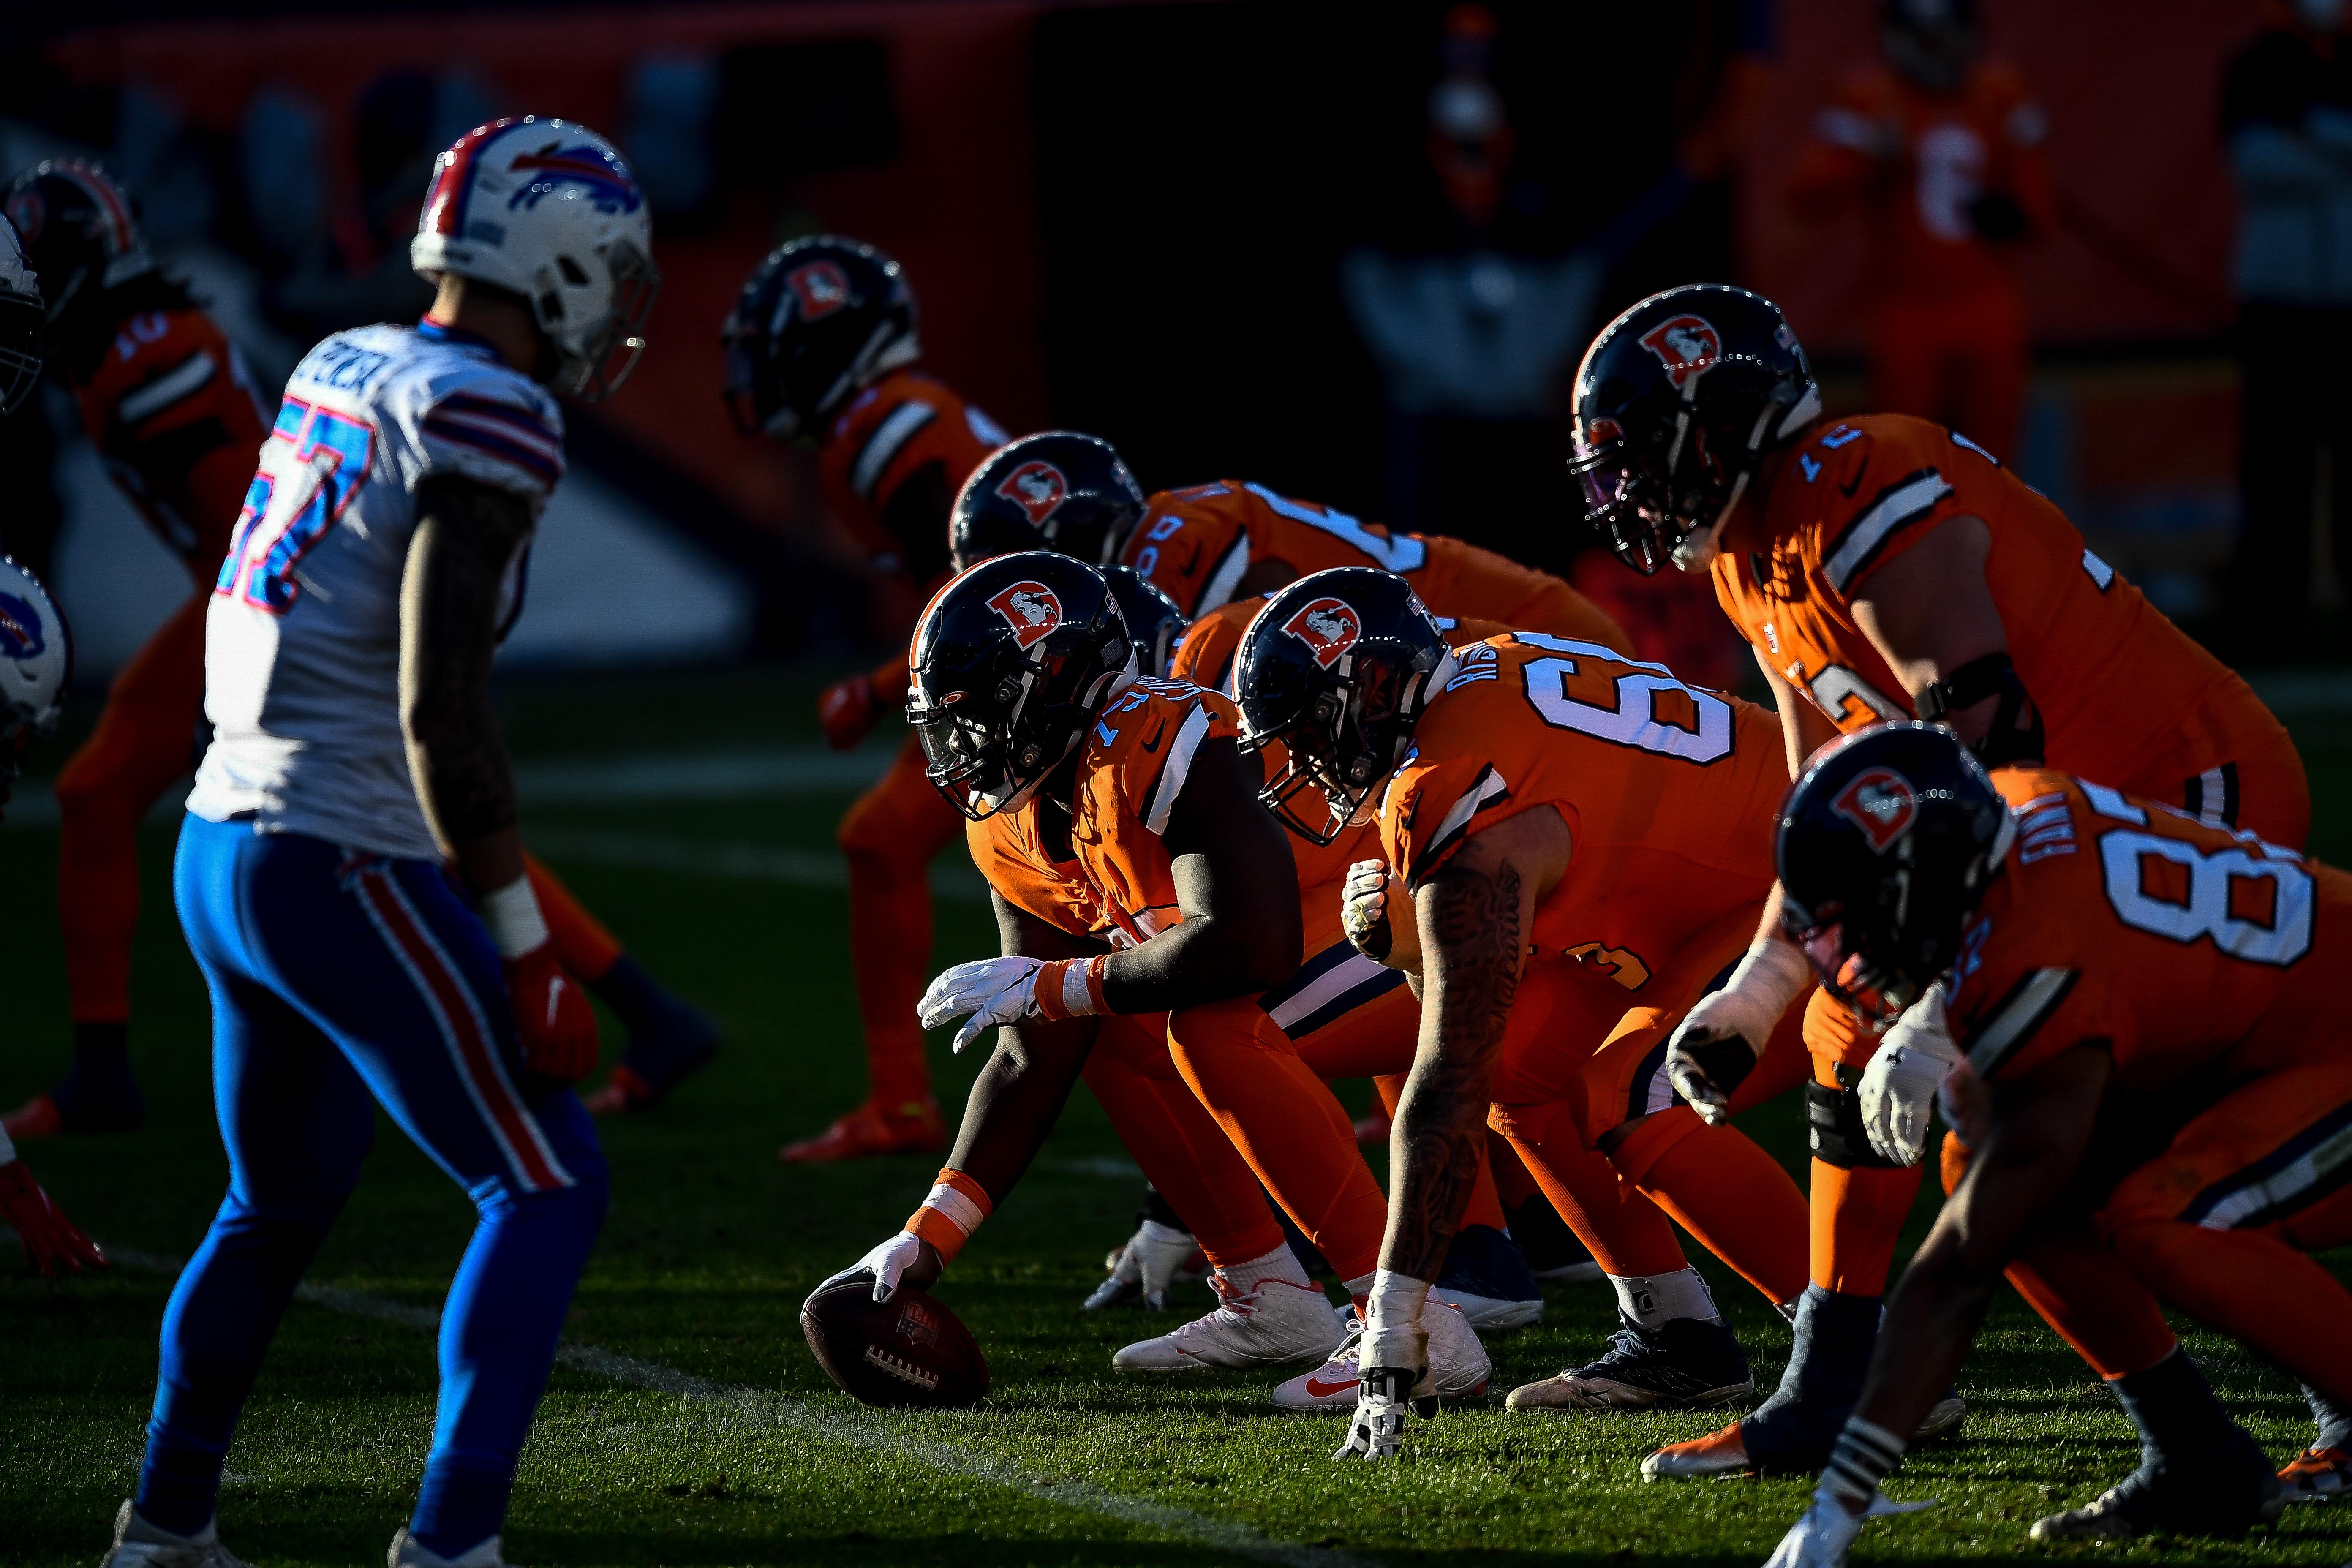 NFL: DEC 19 Bills at Broncos